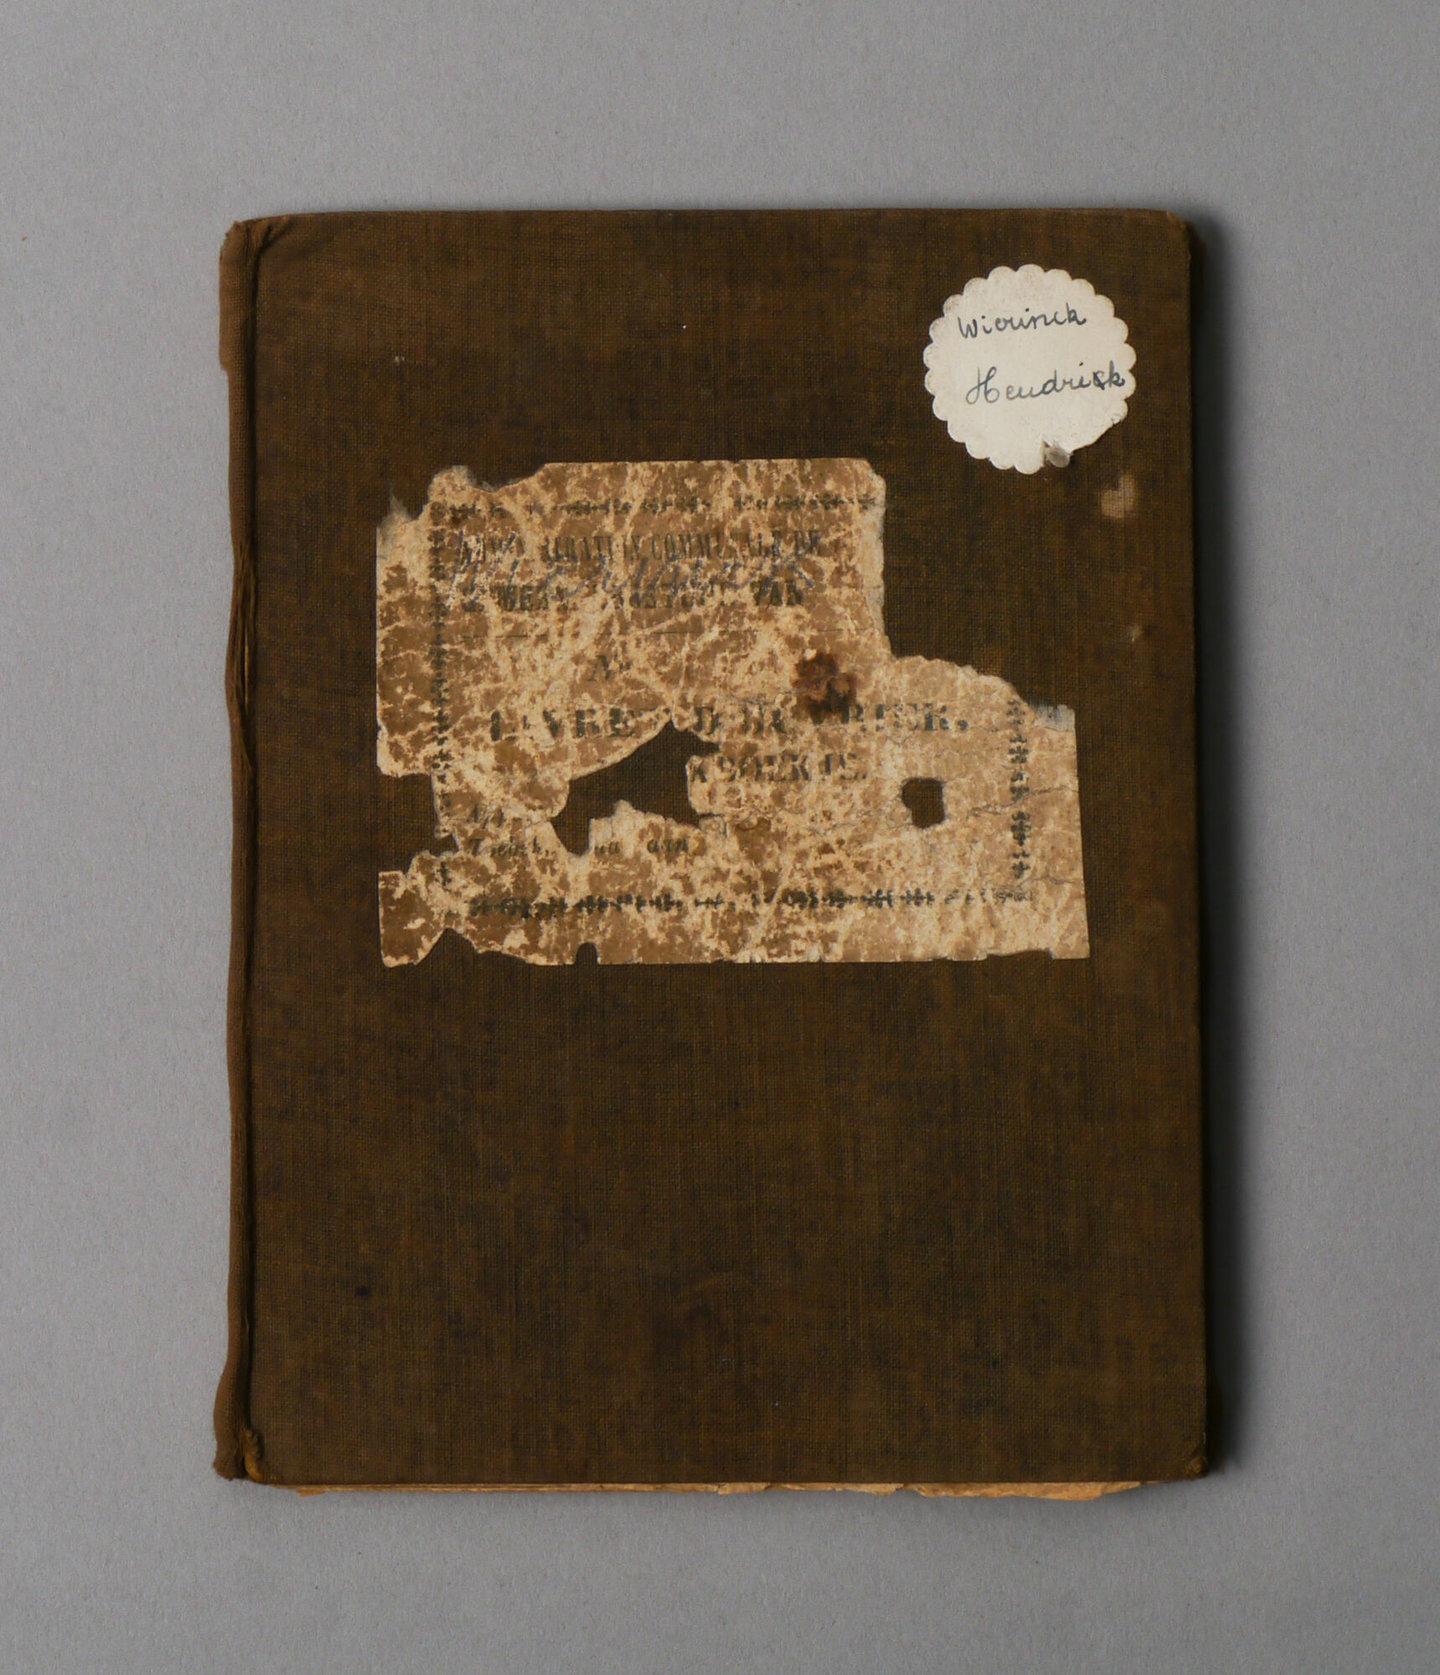 Werkboekje van Hendrik Edmond Wierinck